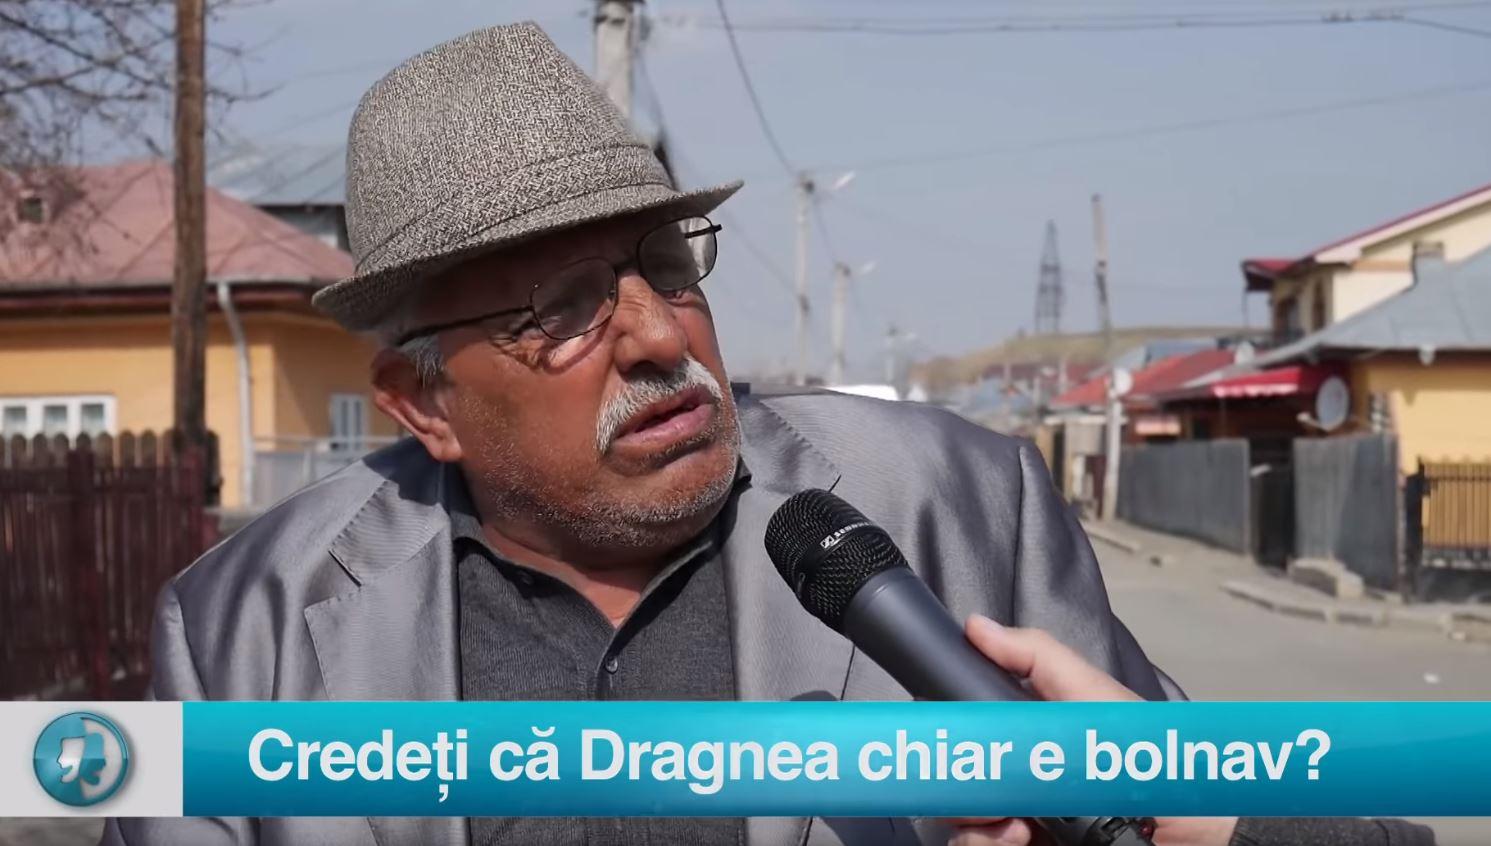 Vax populi: Credeți că Dragnea chiar e bolnav?